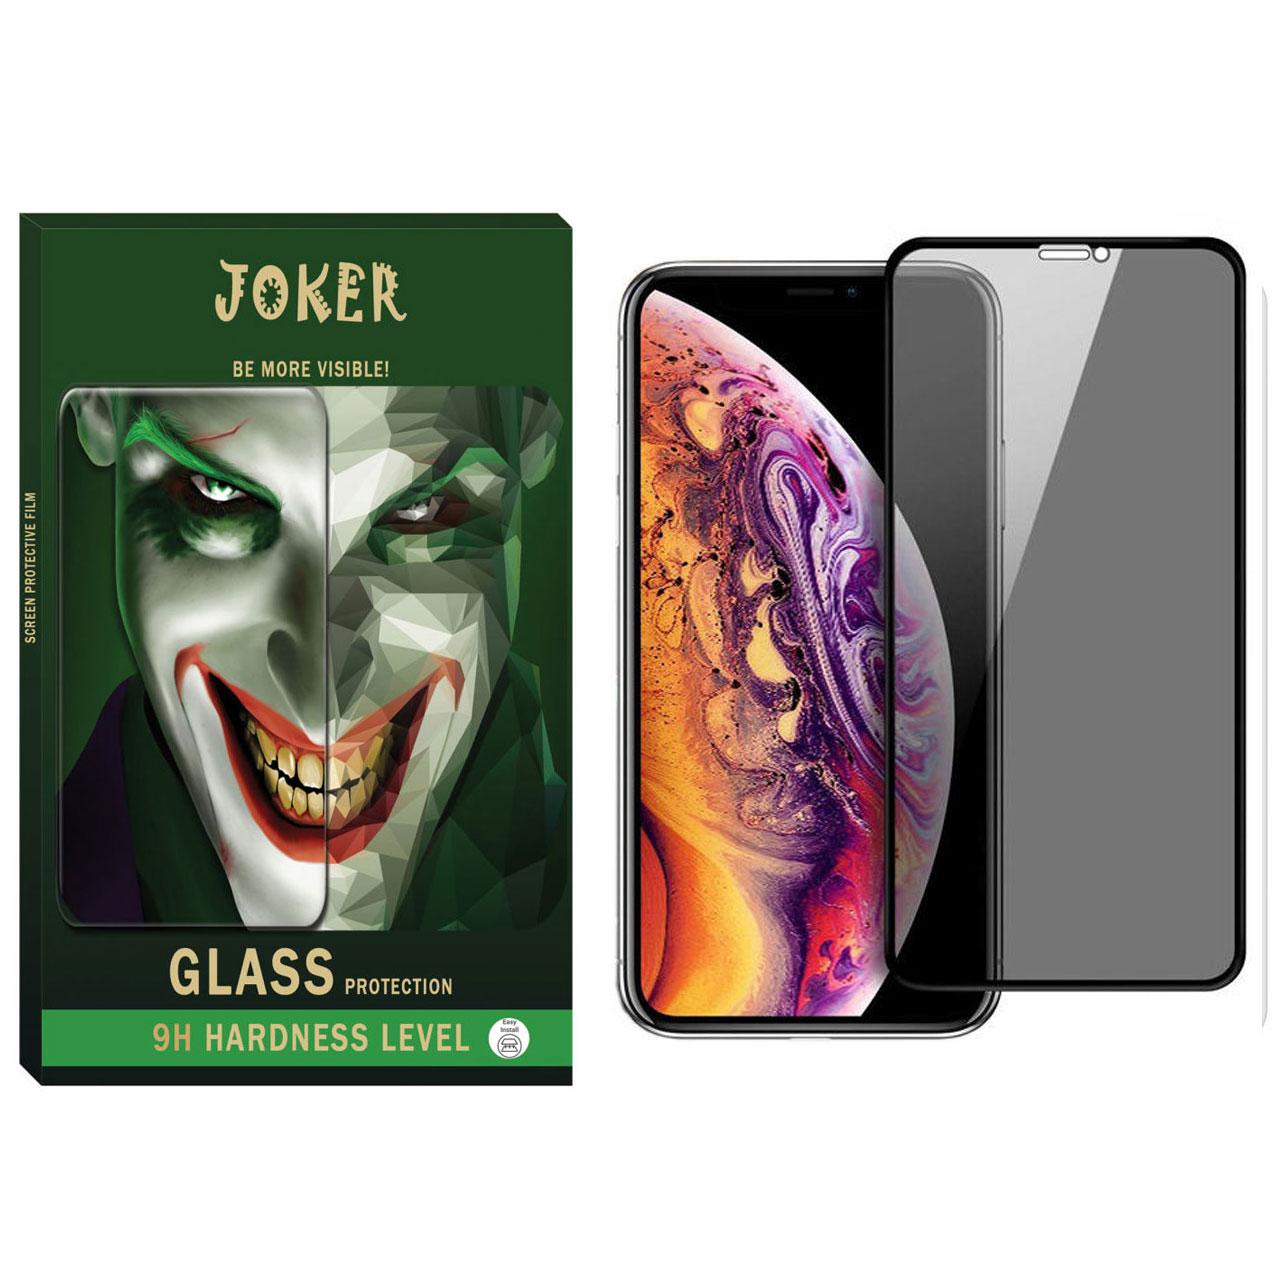 محافظ صفحه نمایش حریم شخصی  جوکر مدل FUM-01 مناسب برای گوشی موبایل اپل Iphone 11 pro max